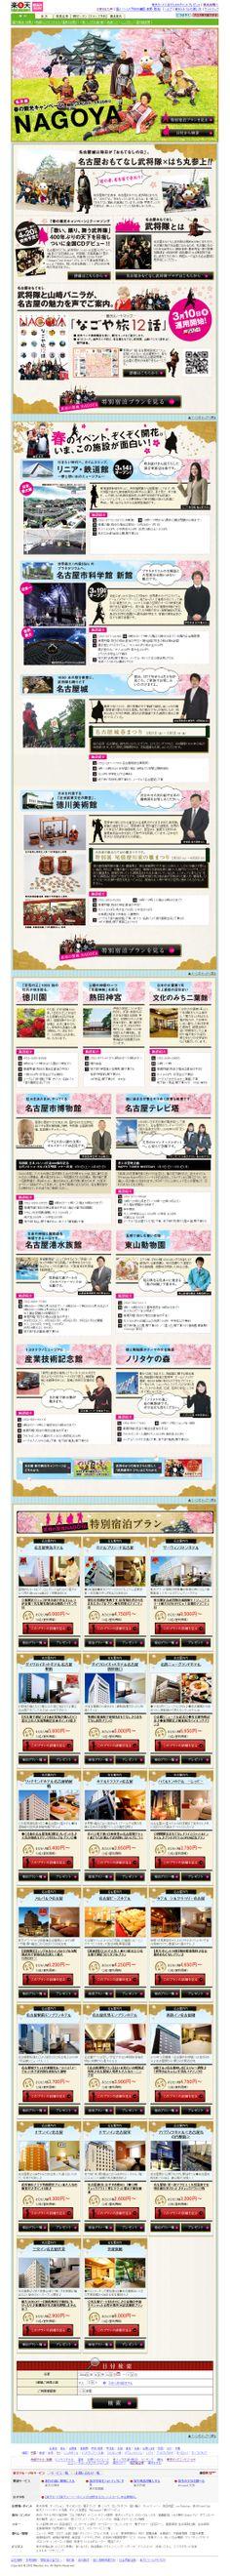 【旅頃】名古屋武将隊2011春 和風 ベージュ ピンク 春 http://travel.rakuten.co.jp/movement/aichi/201103/